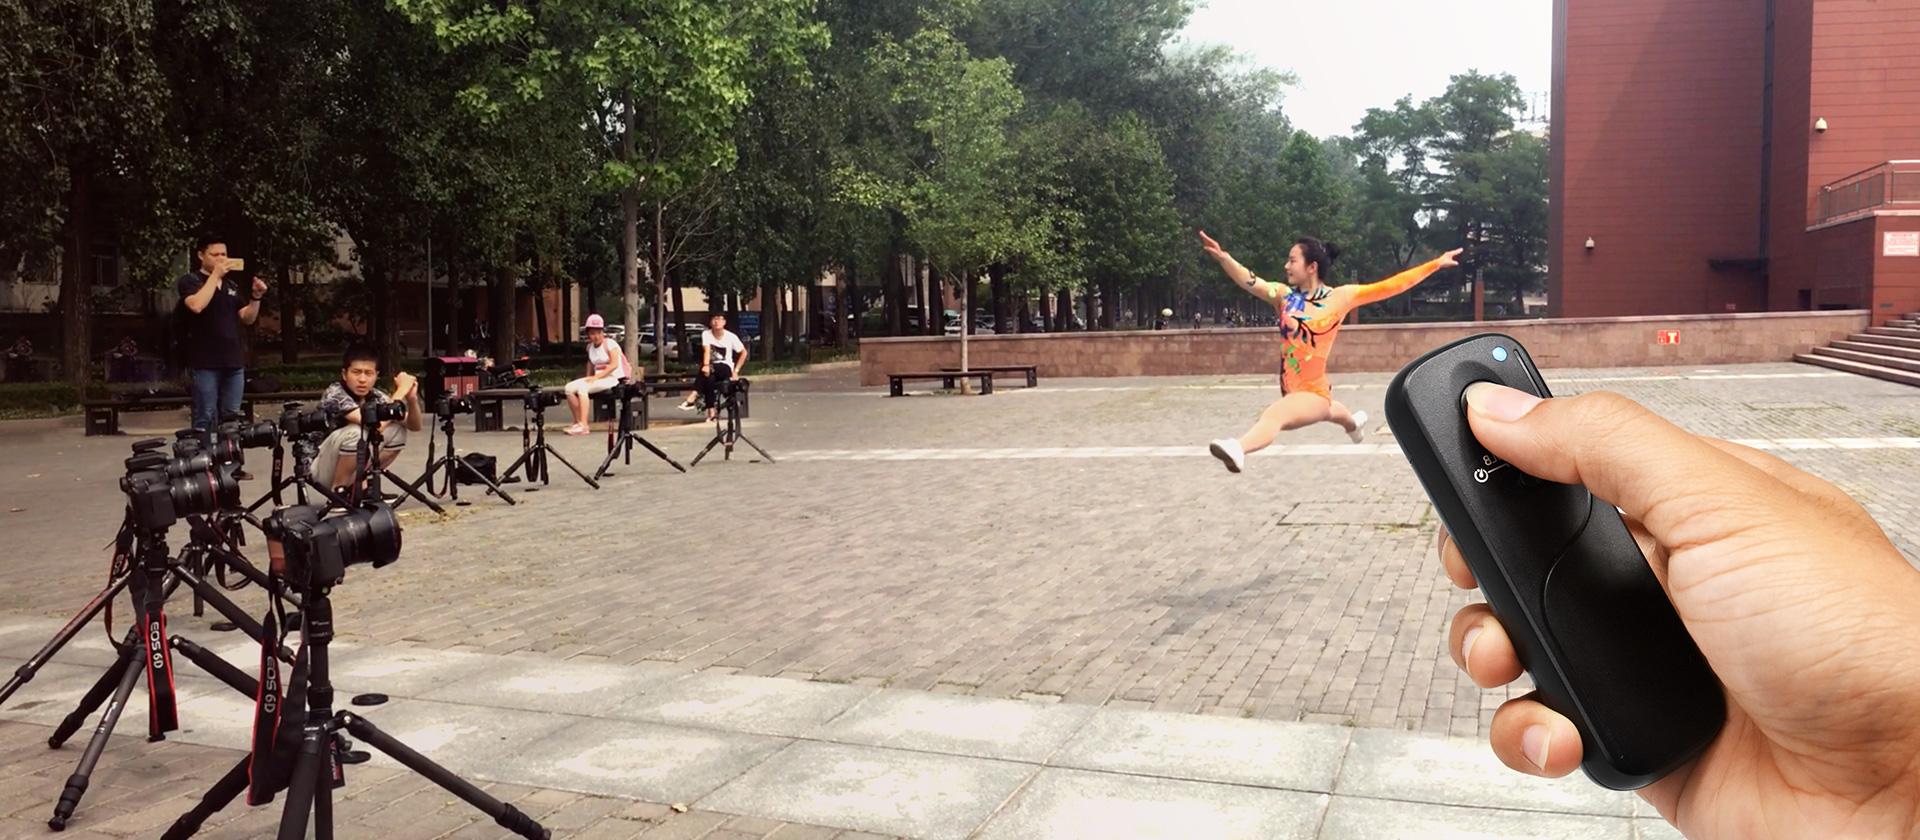 CamBuddy Pro set met camera's en afstandsbediening in beeld om springende danseres vast te leggen op een plein